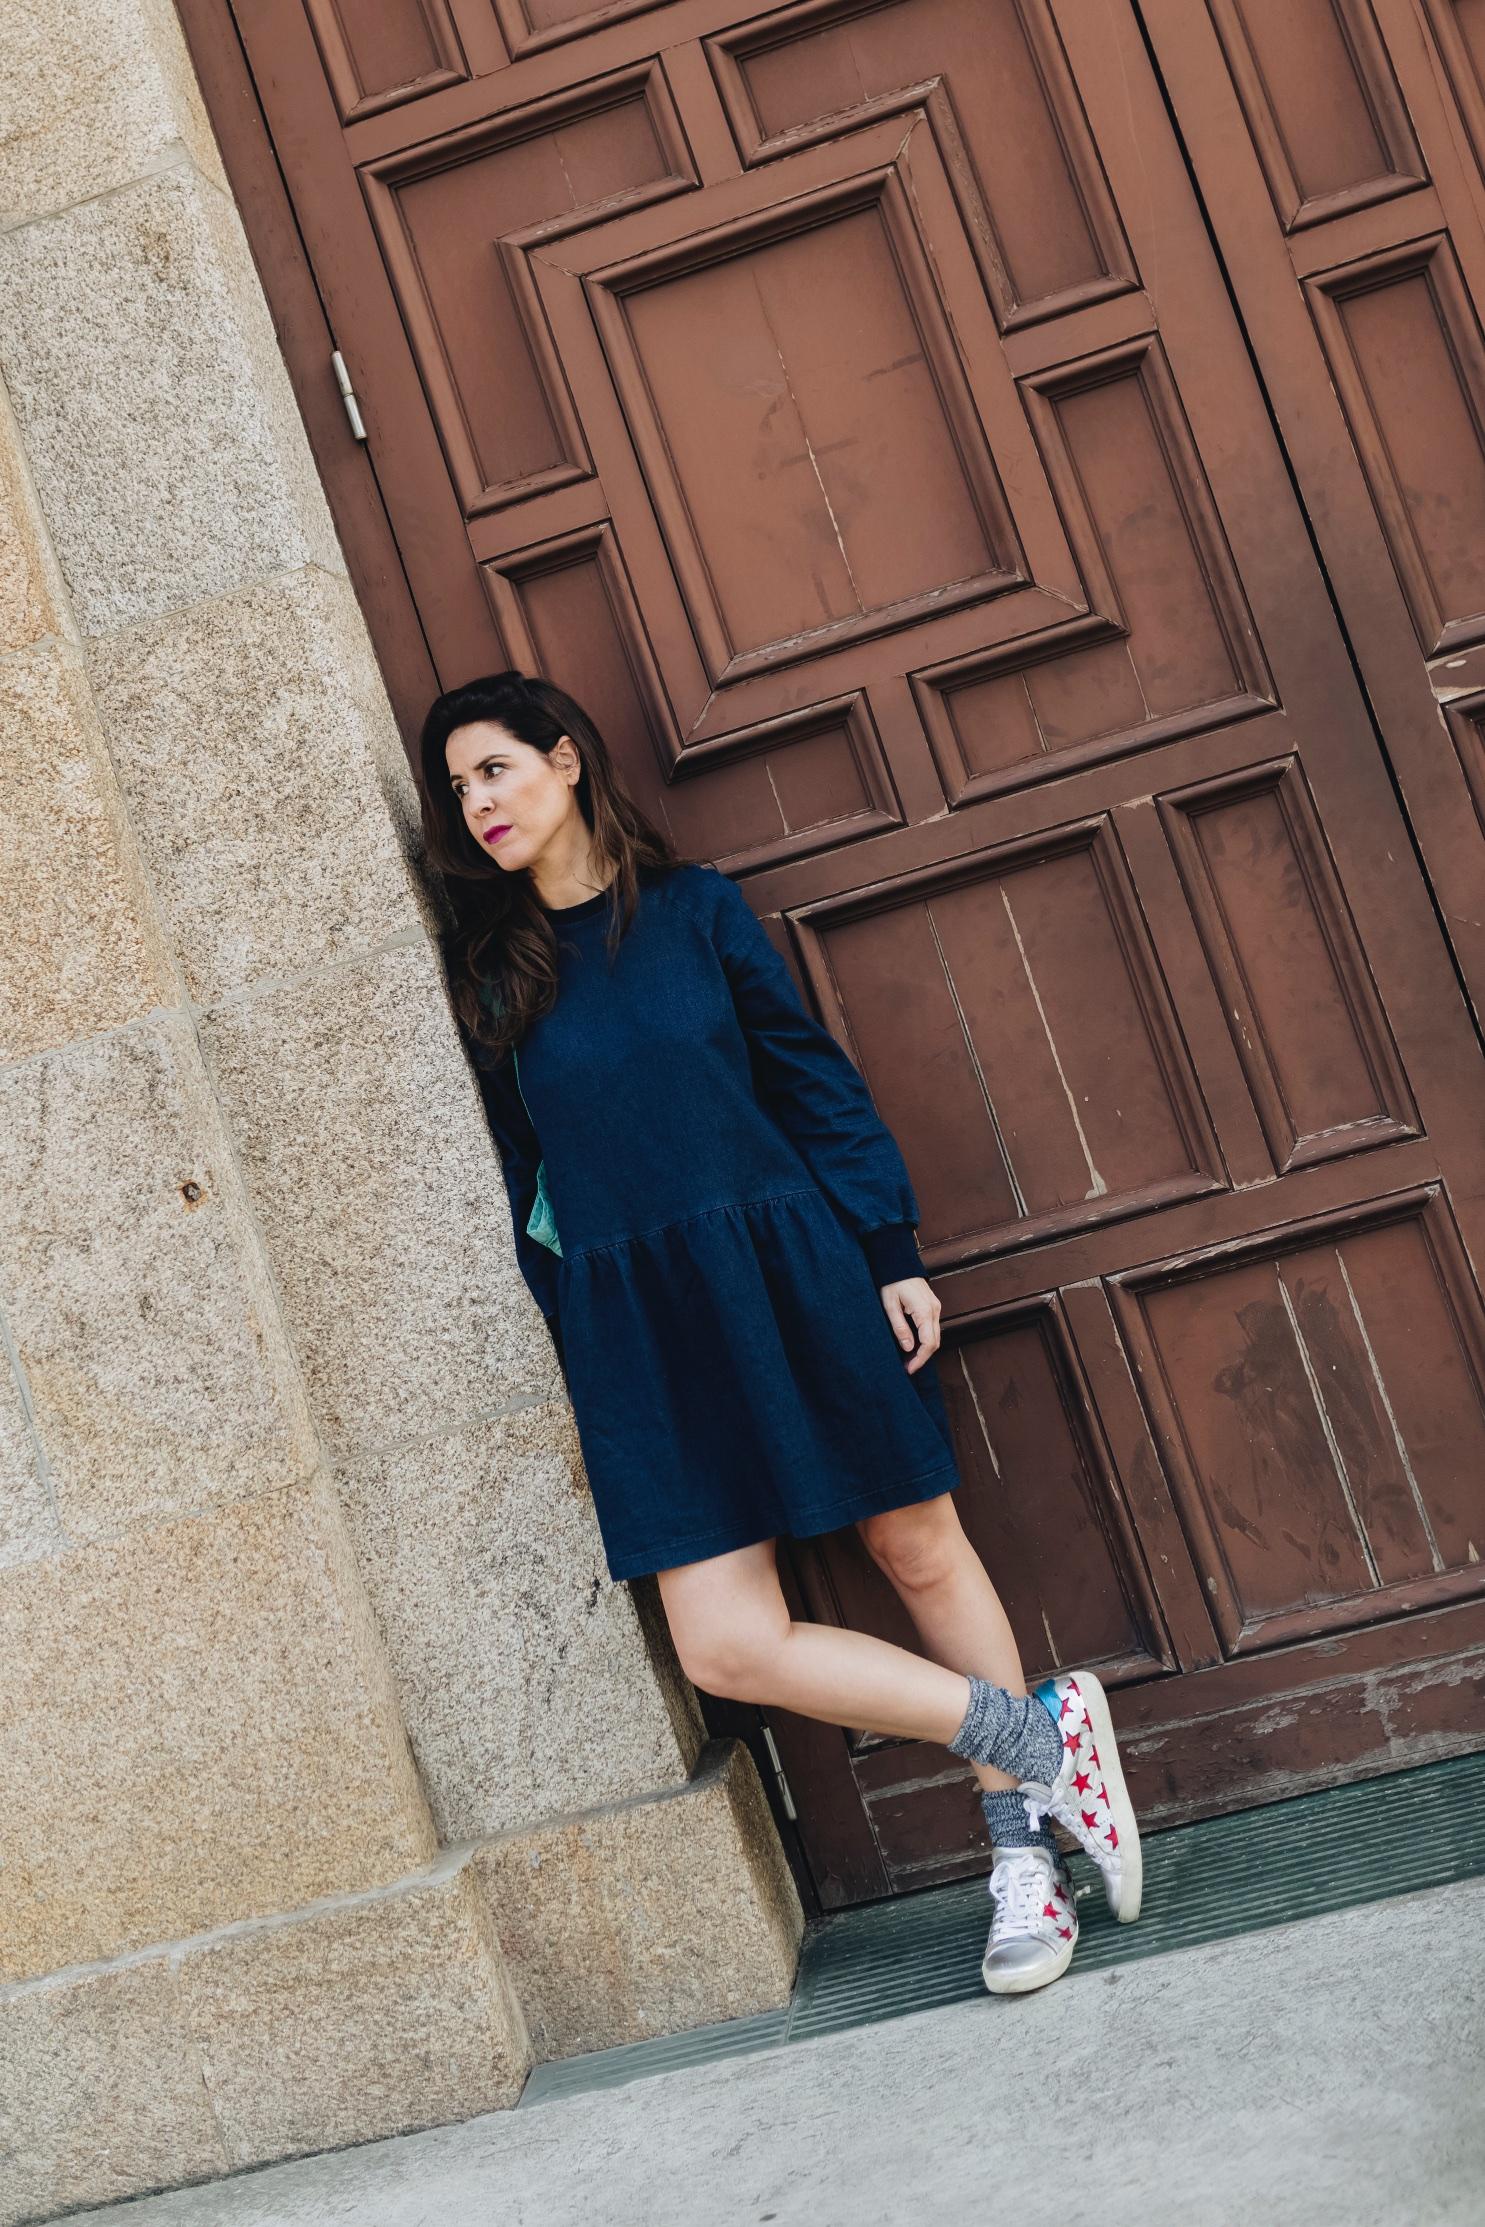 vestido vaquero-57561-descalzaporelparque